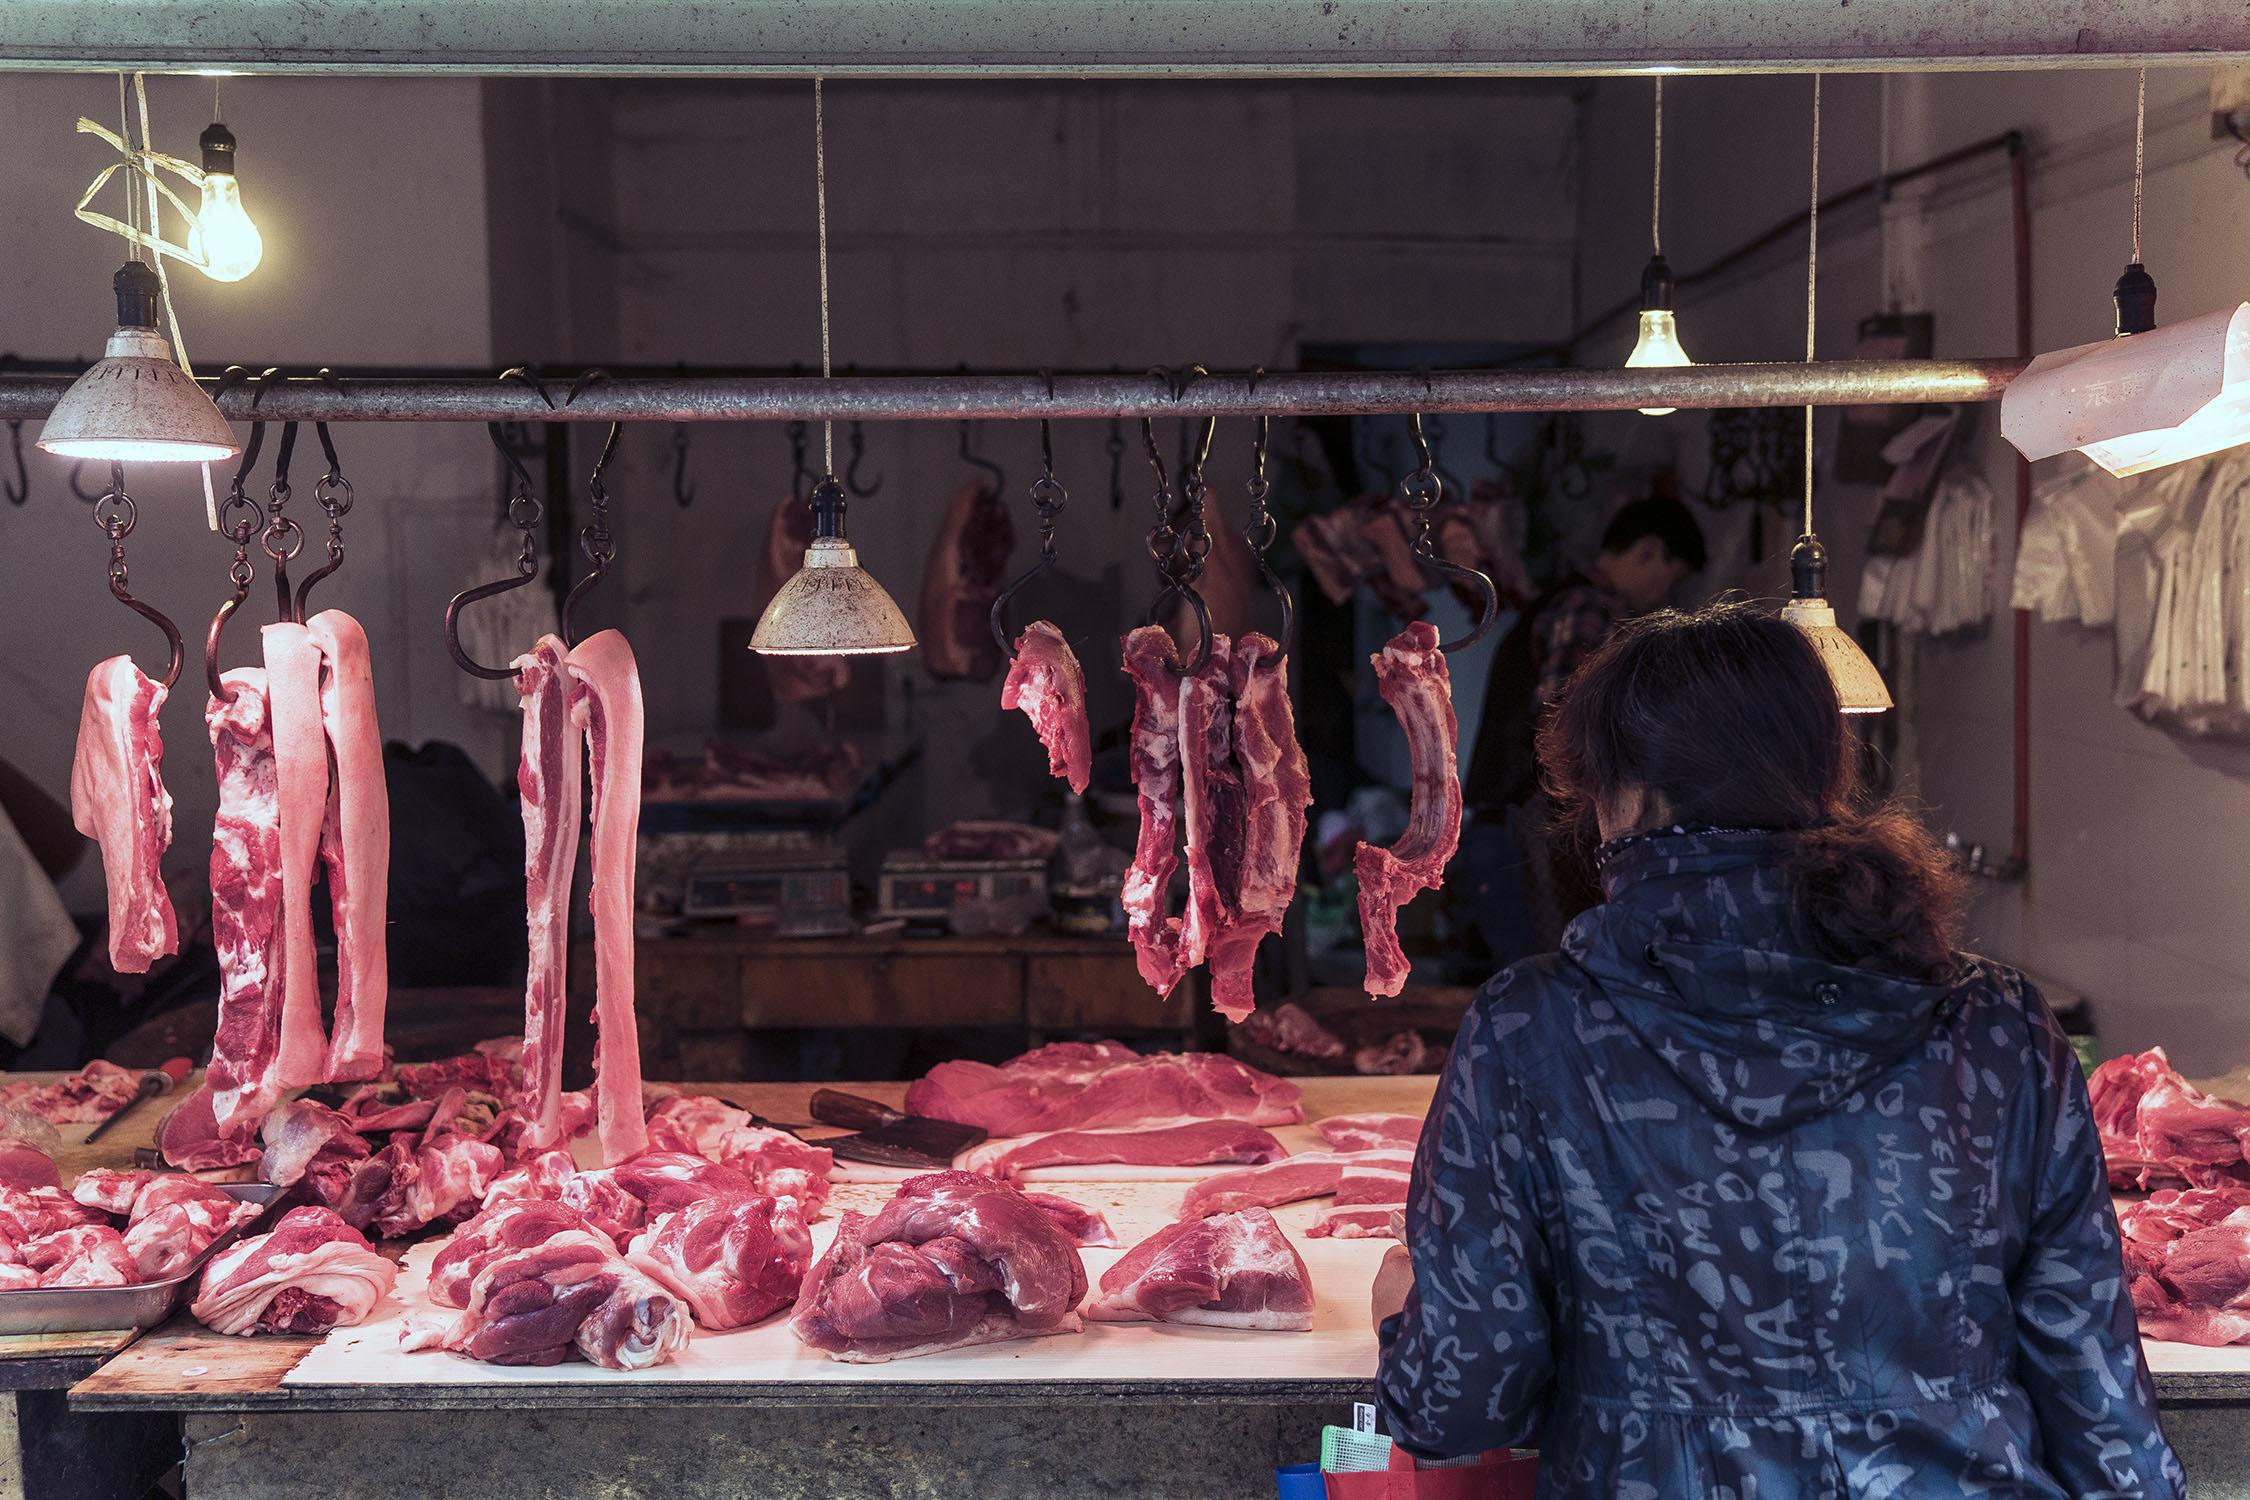 suzhou_market_butcher_china